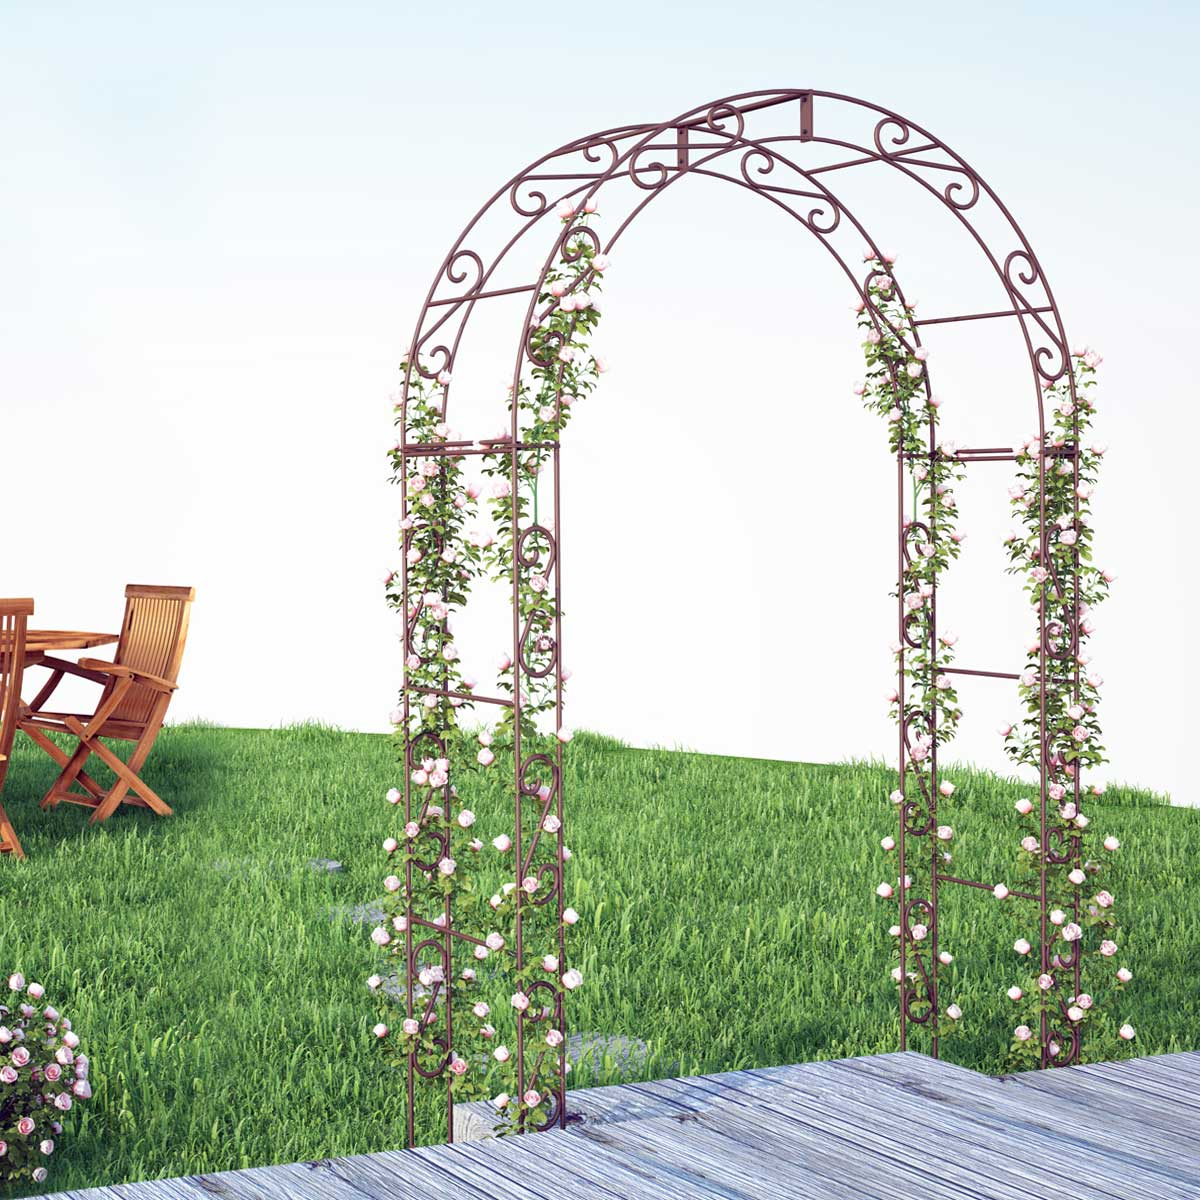 Arche de jardin arrondie en acier plein arches kiosque for Arche de jardin en bois